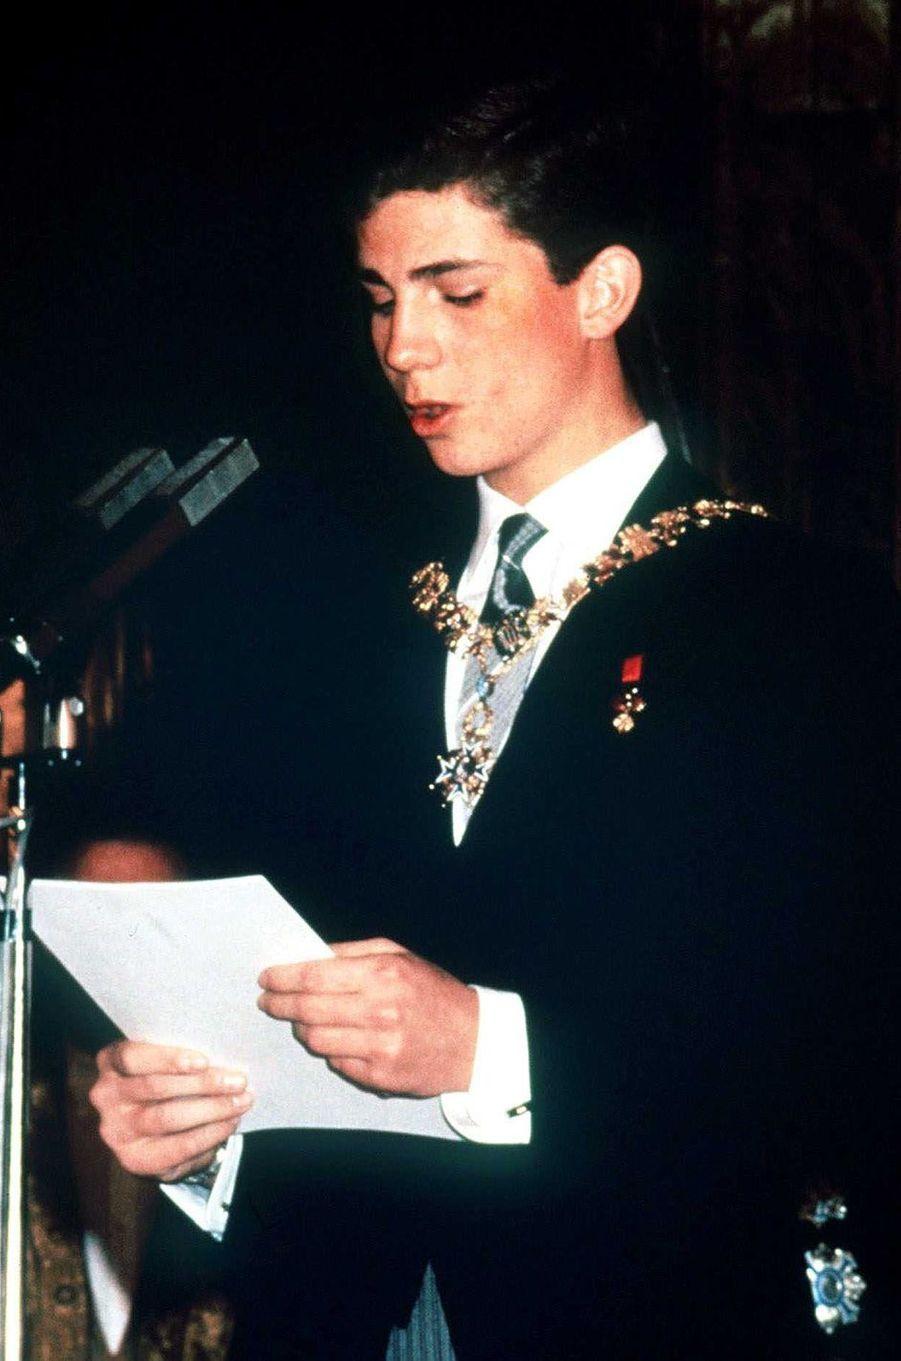 Le prince Felipe d'Espagne, le 30 janvier 1986, jour de ses 18 ans